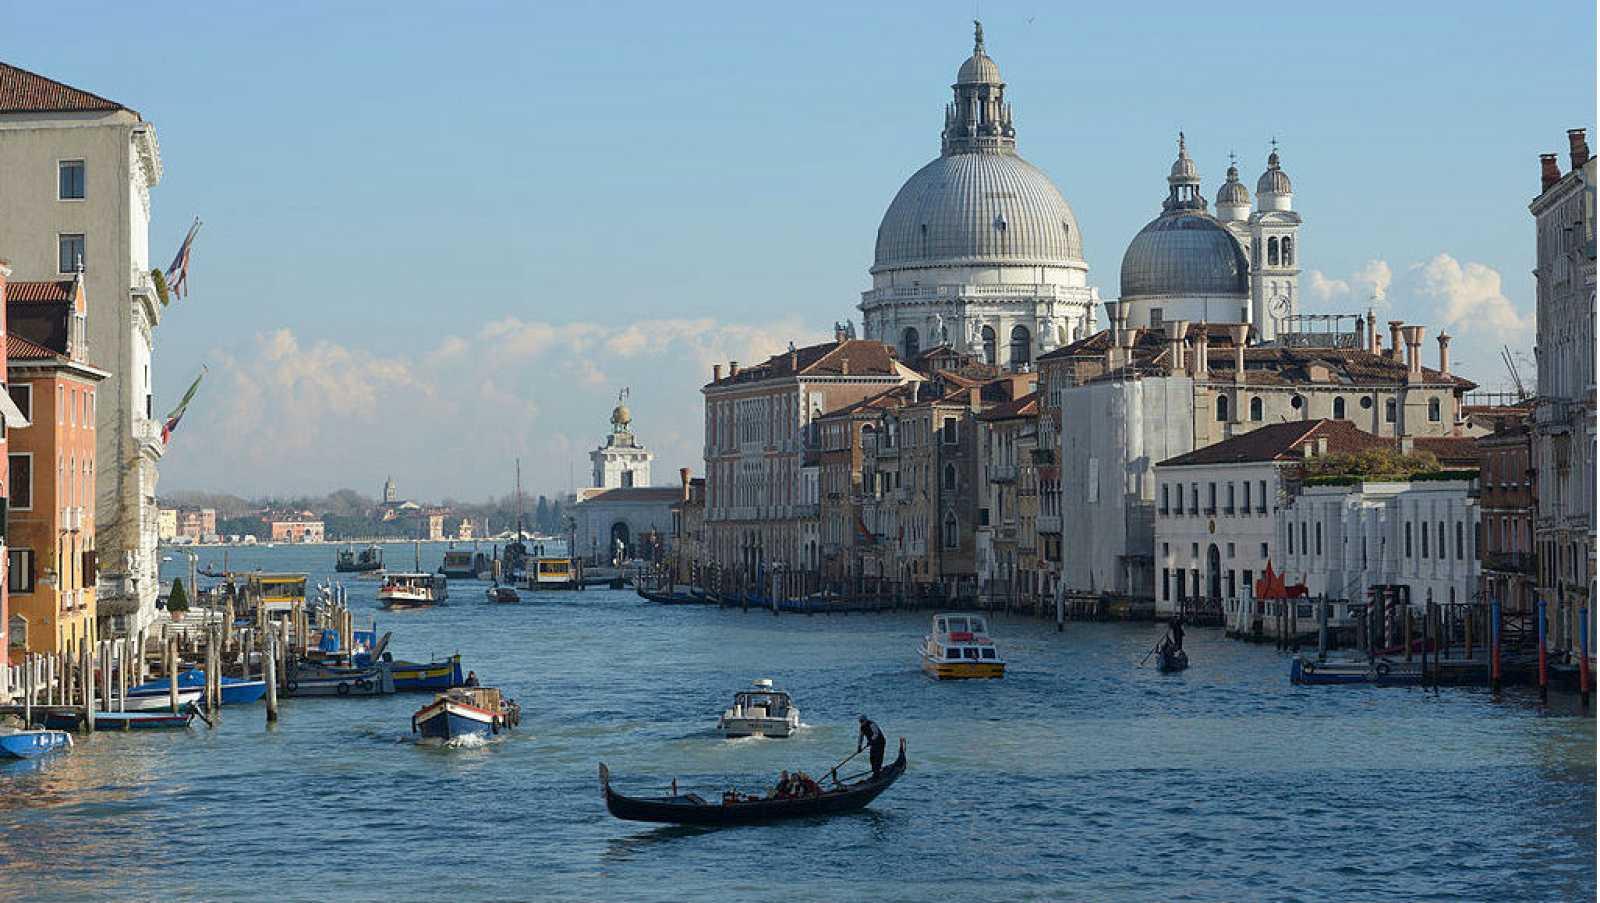 Nómadas - Venecia con los ojos cerrados - 28/07/13 - Escuchar ahora